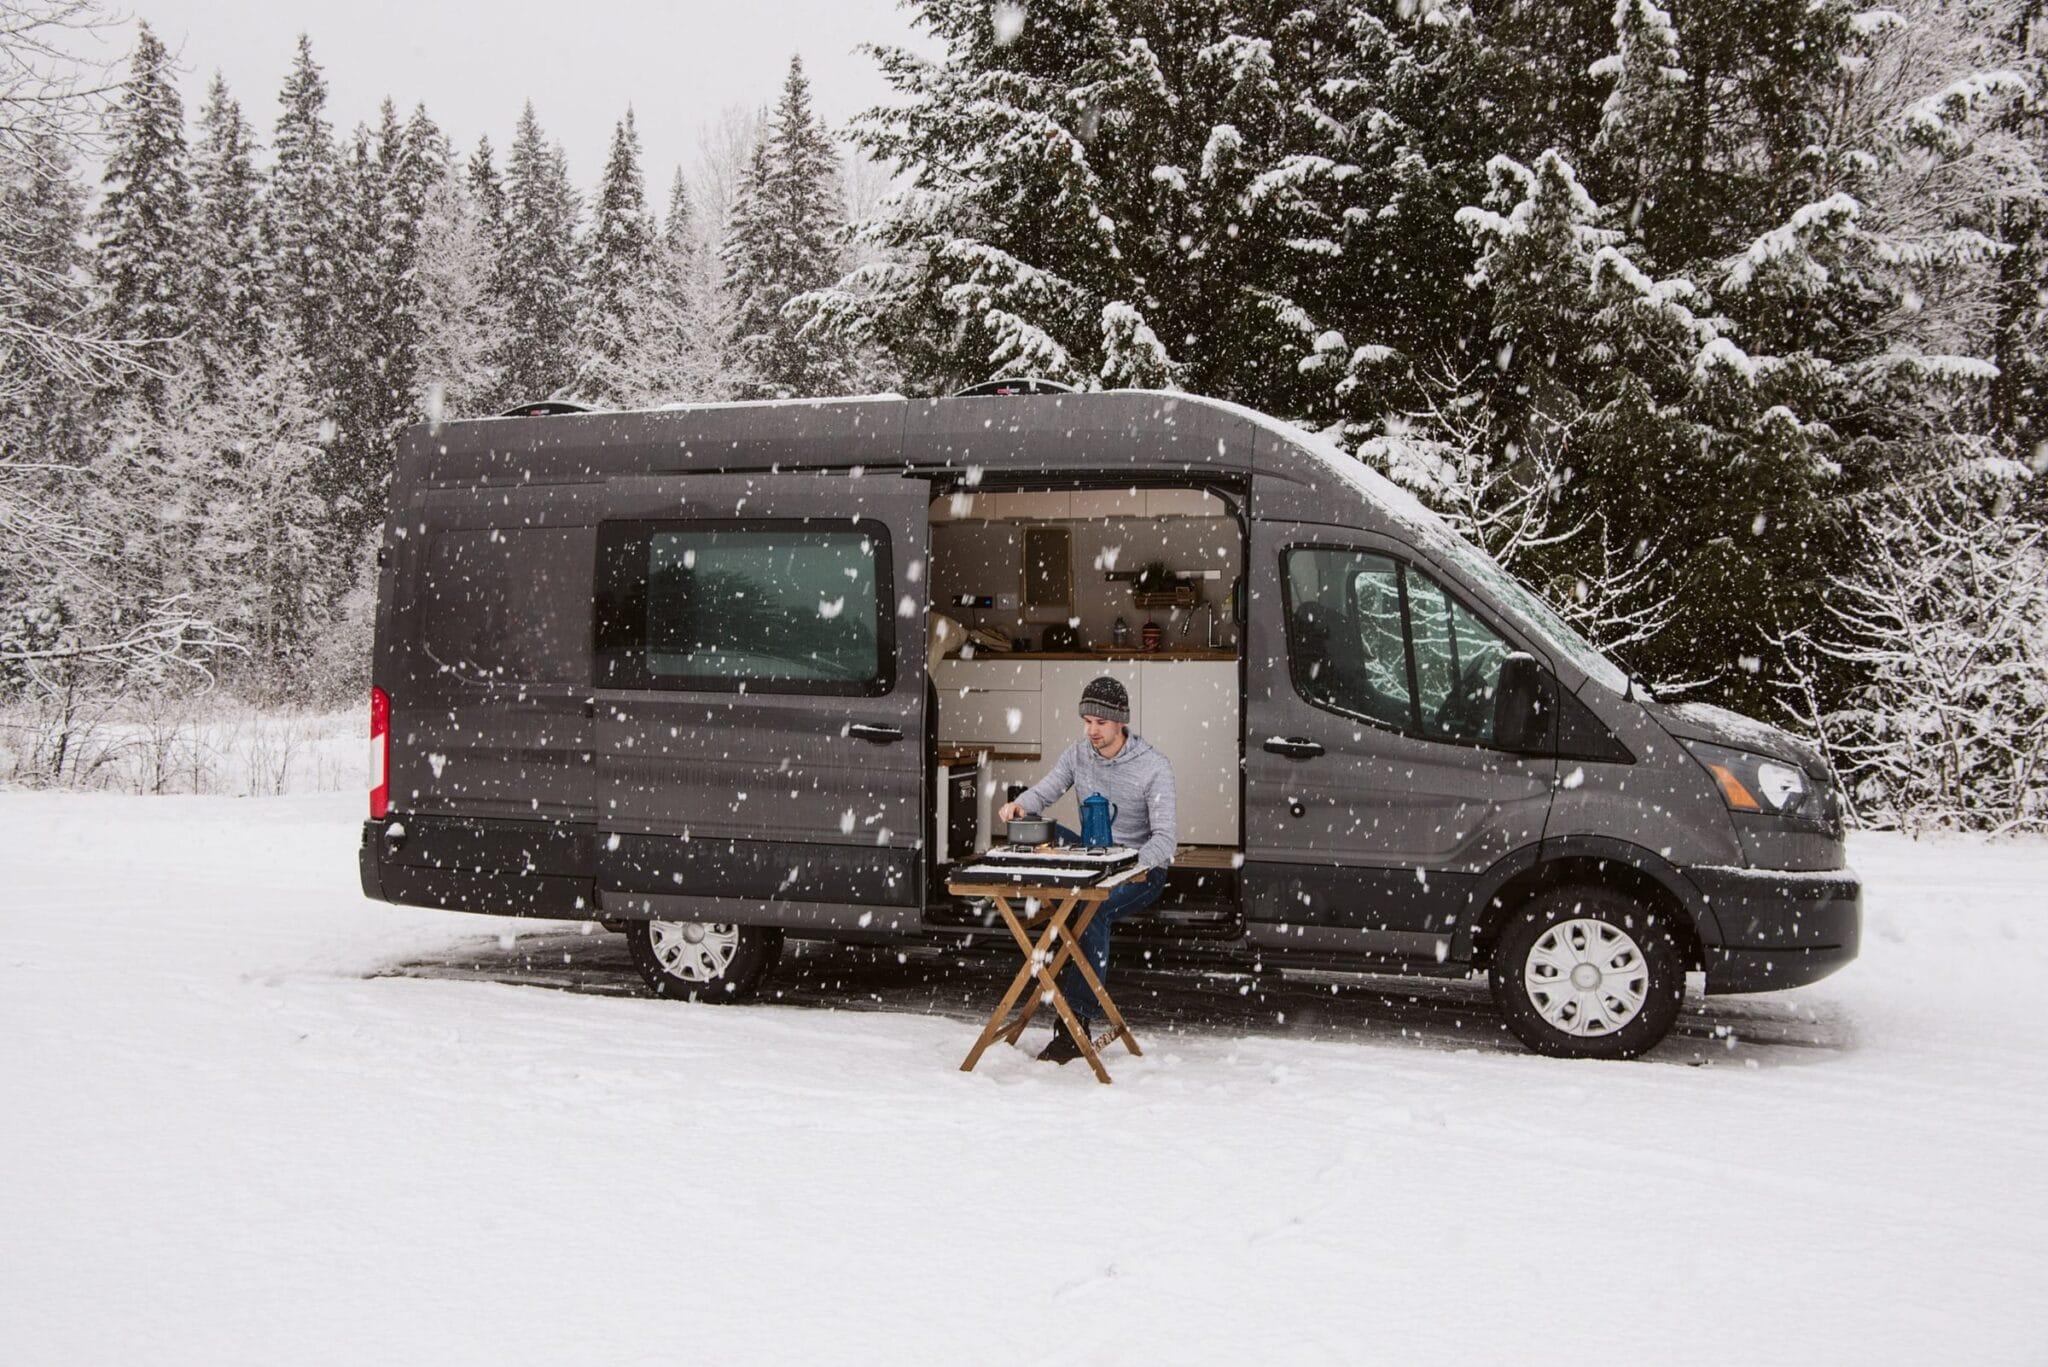 camper vans in the winter